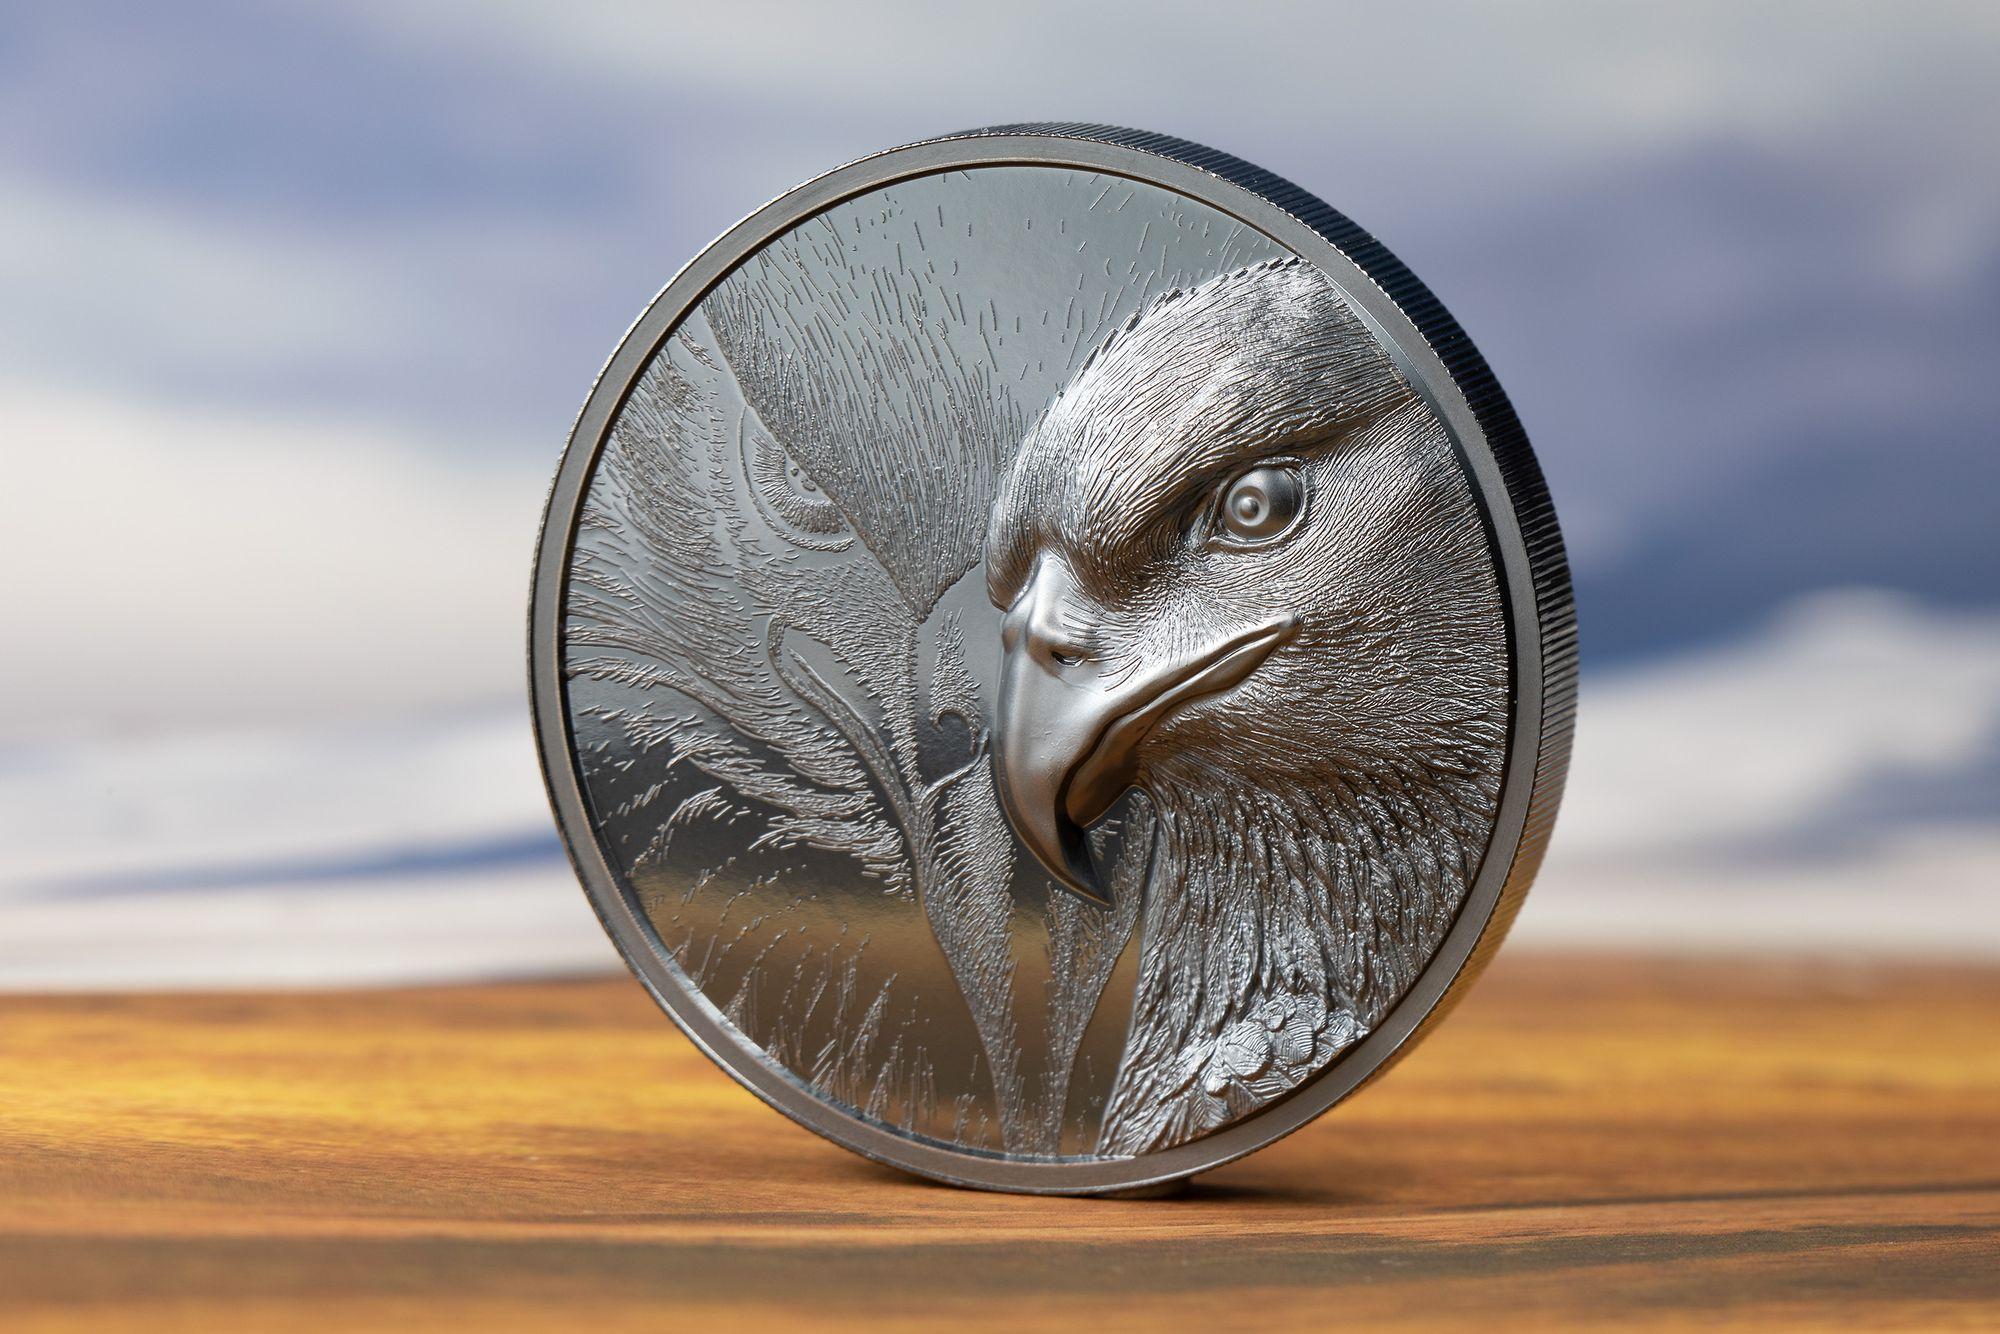 Majestic Eagle Black Proof 2 oz Silver Coin 2020